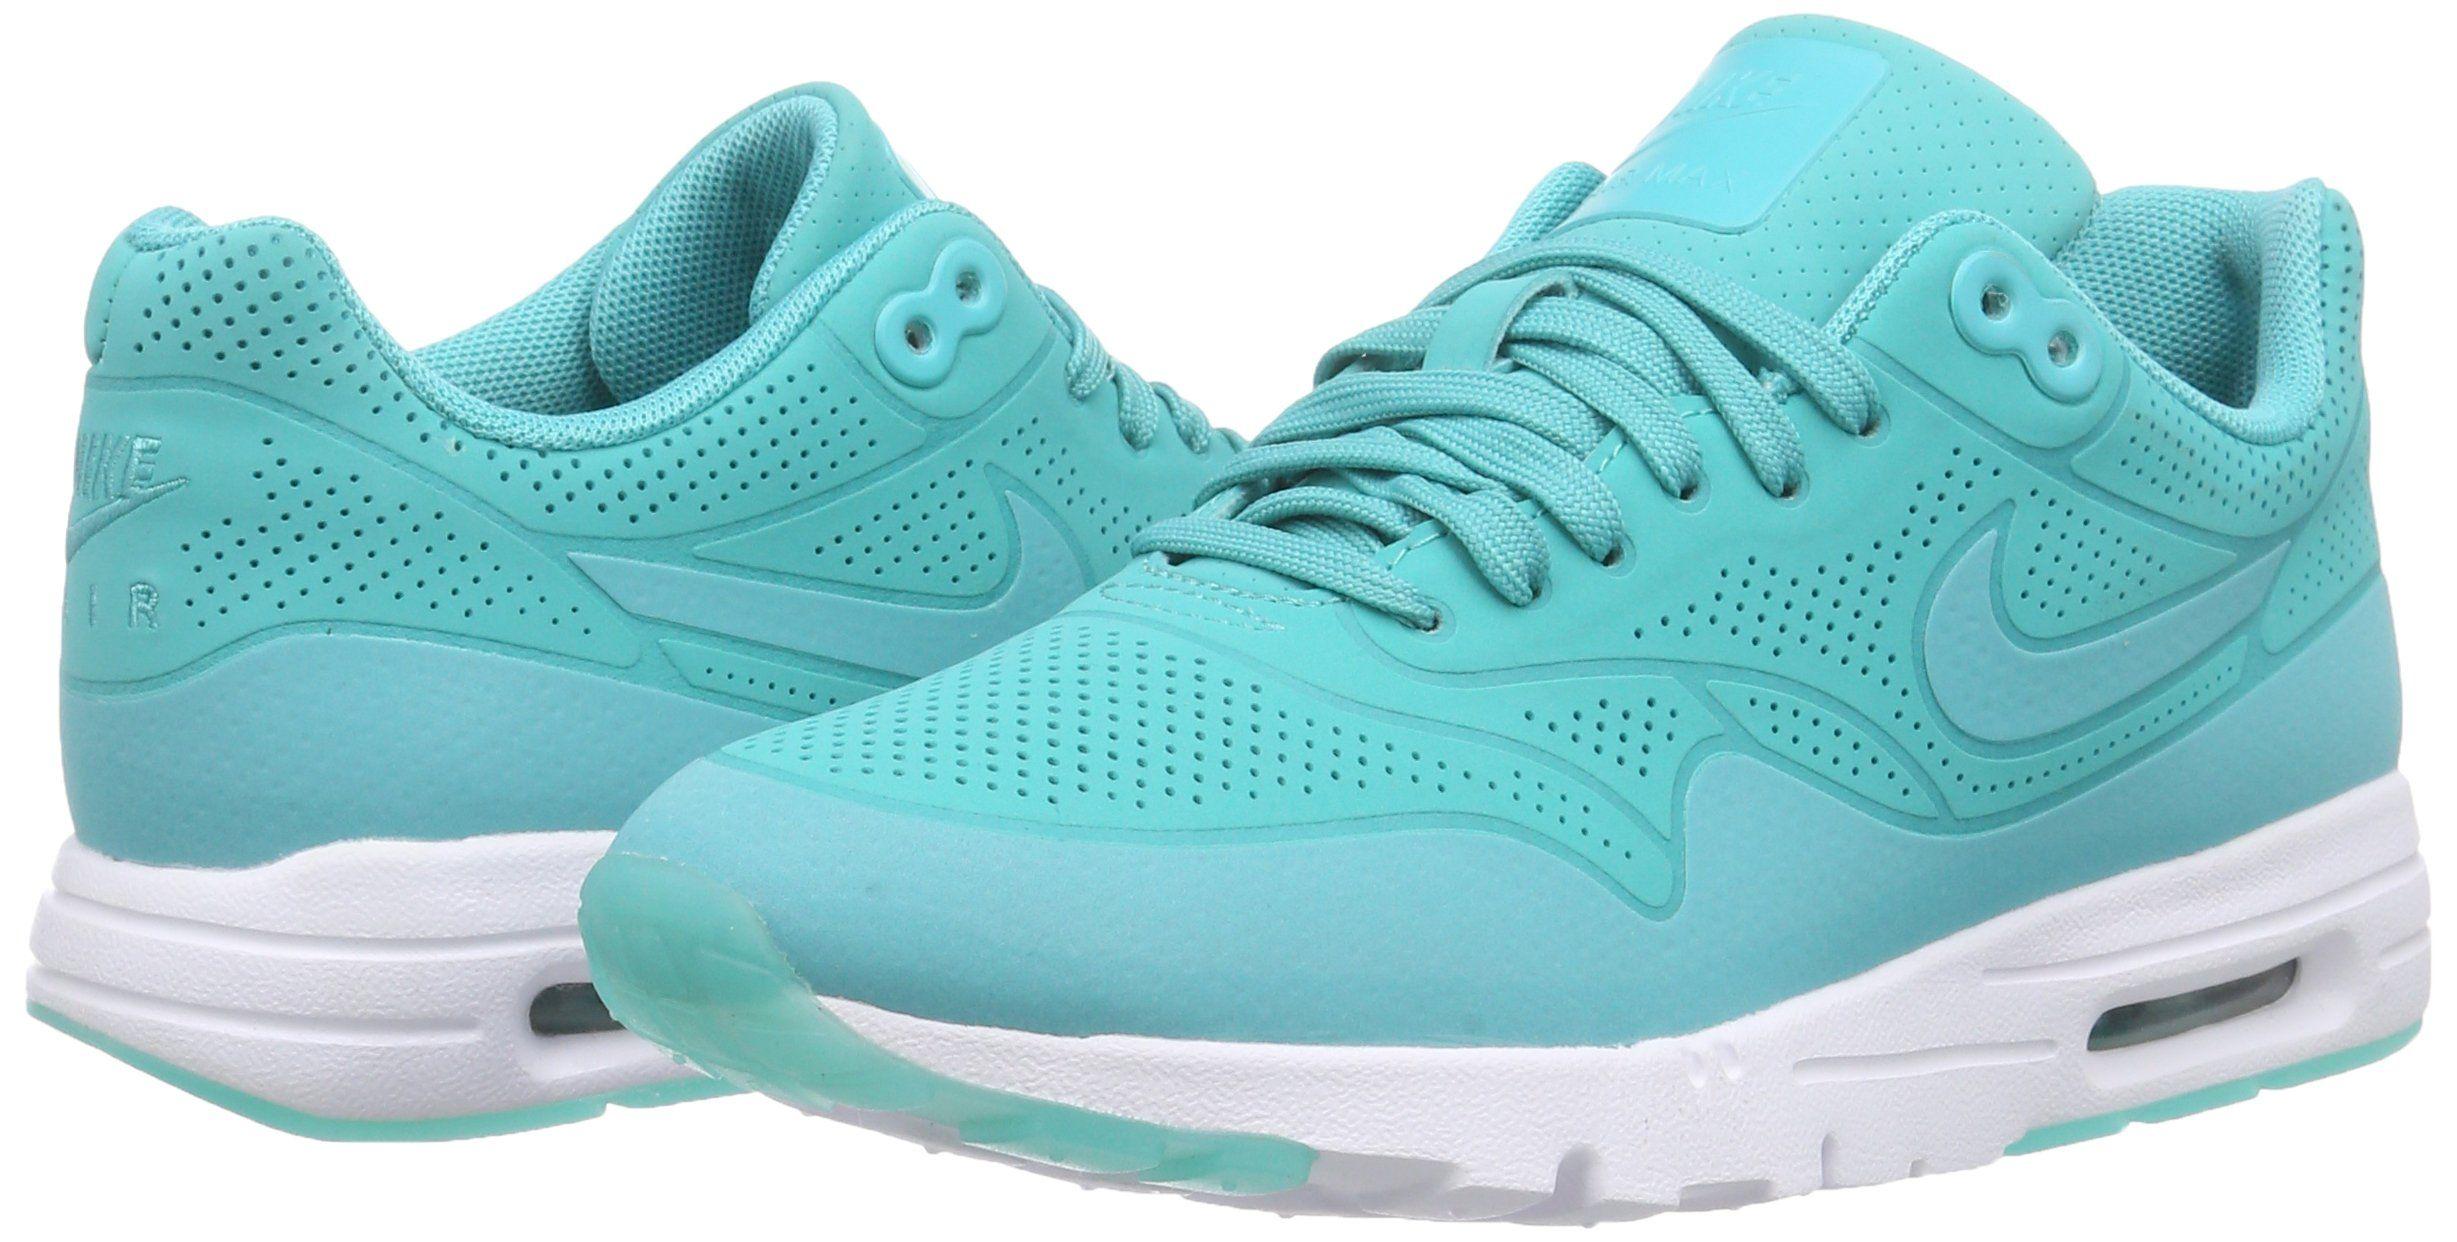 Nike Air Max 1 Ultra Moire, Damen Sneakers, Türkis (lite